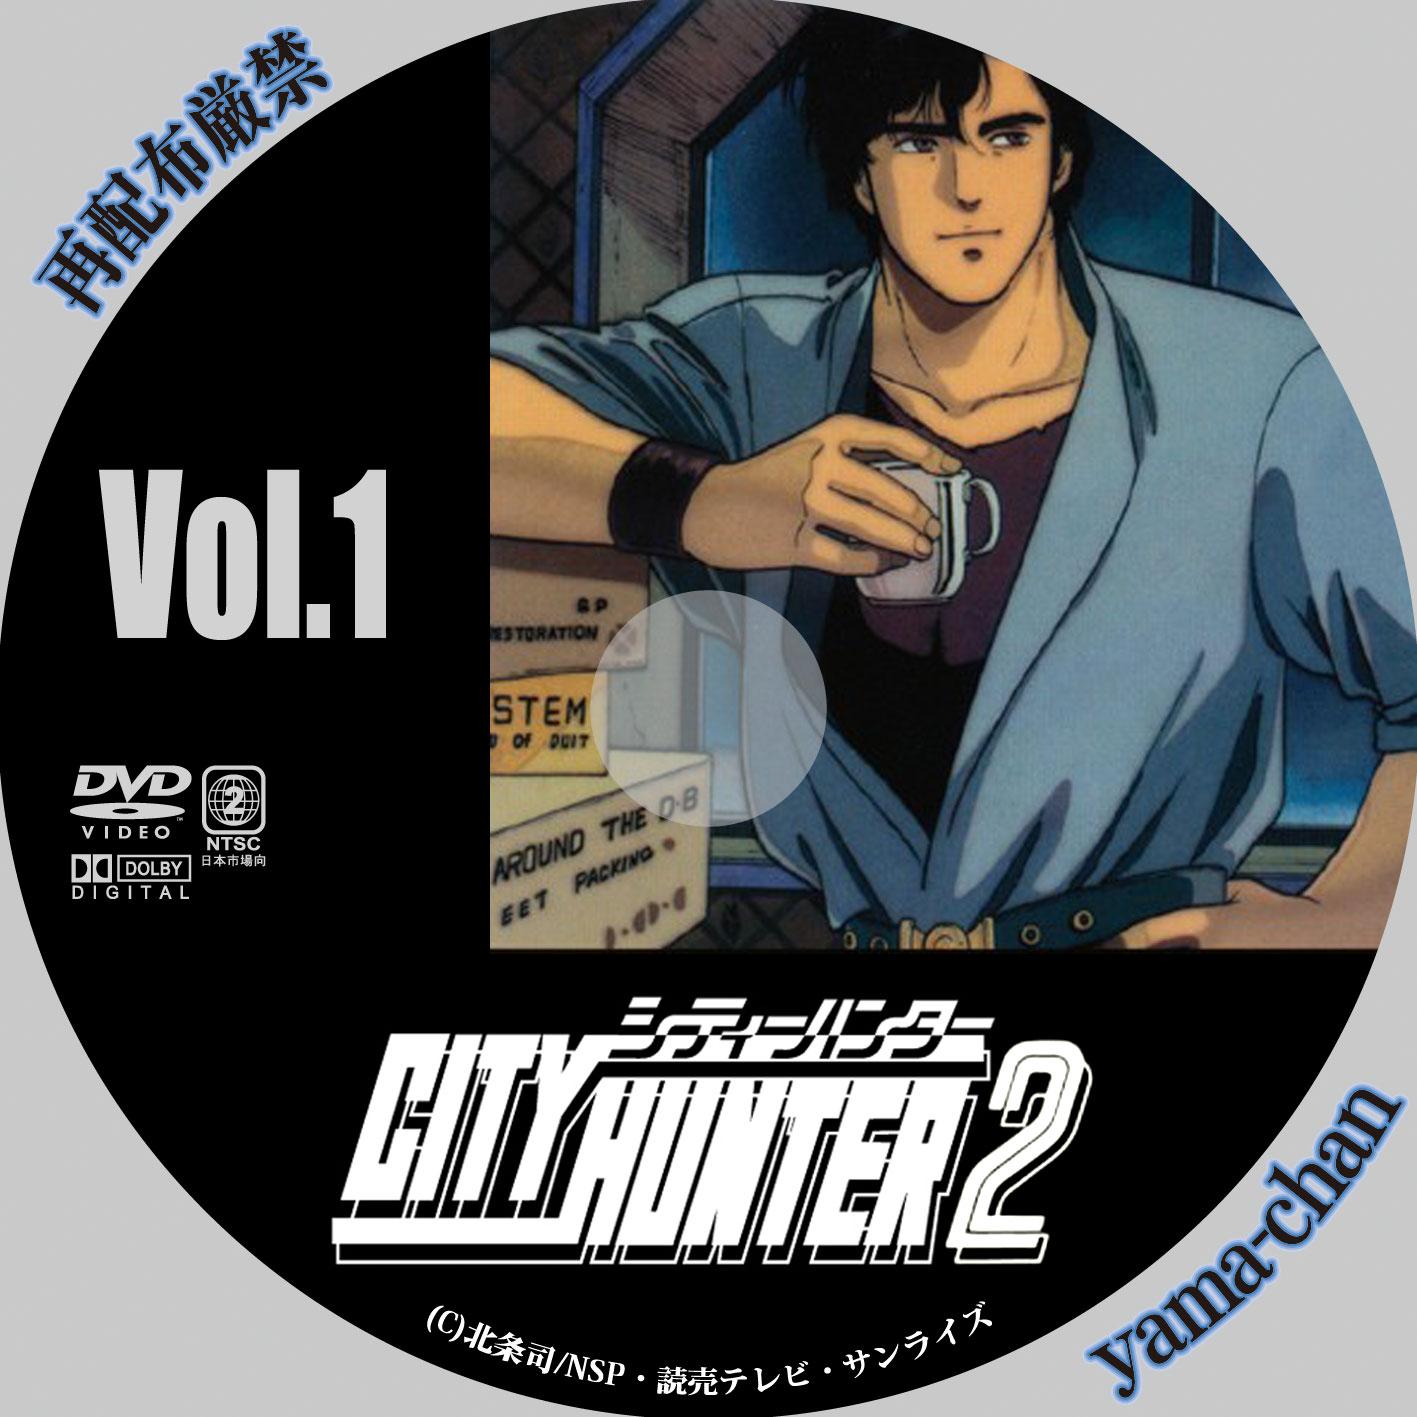 シティー ハンター 91 dvd ラベル